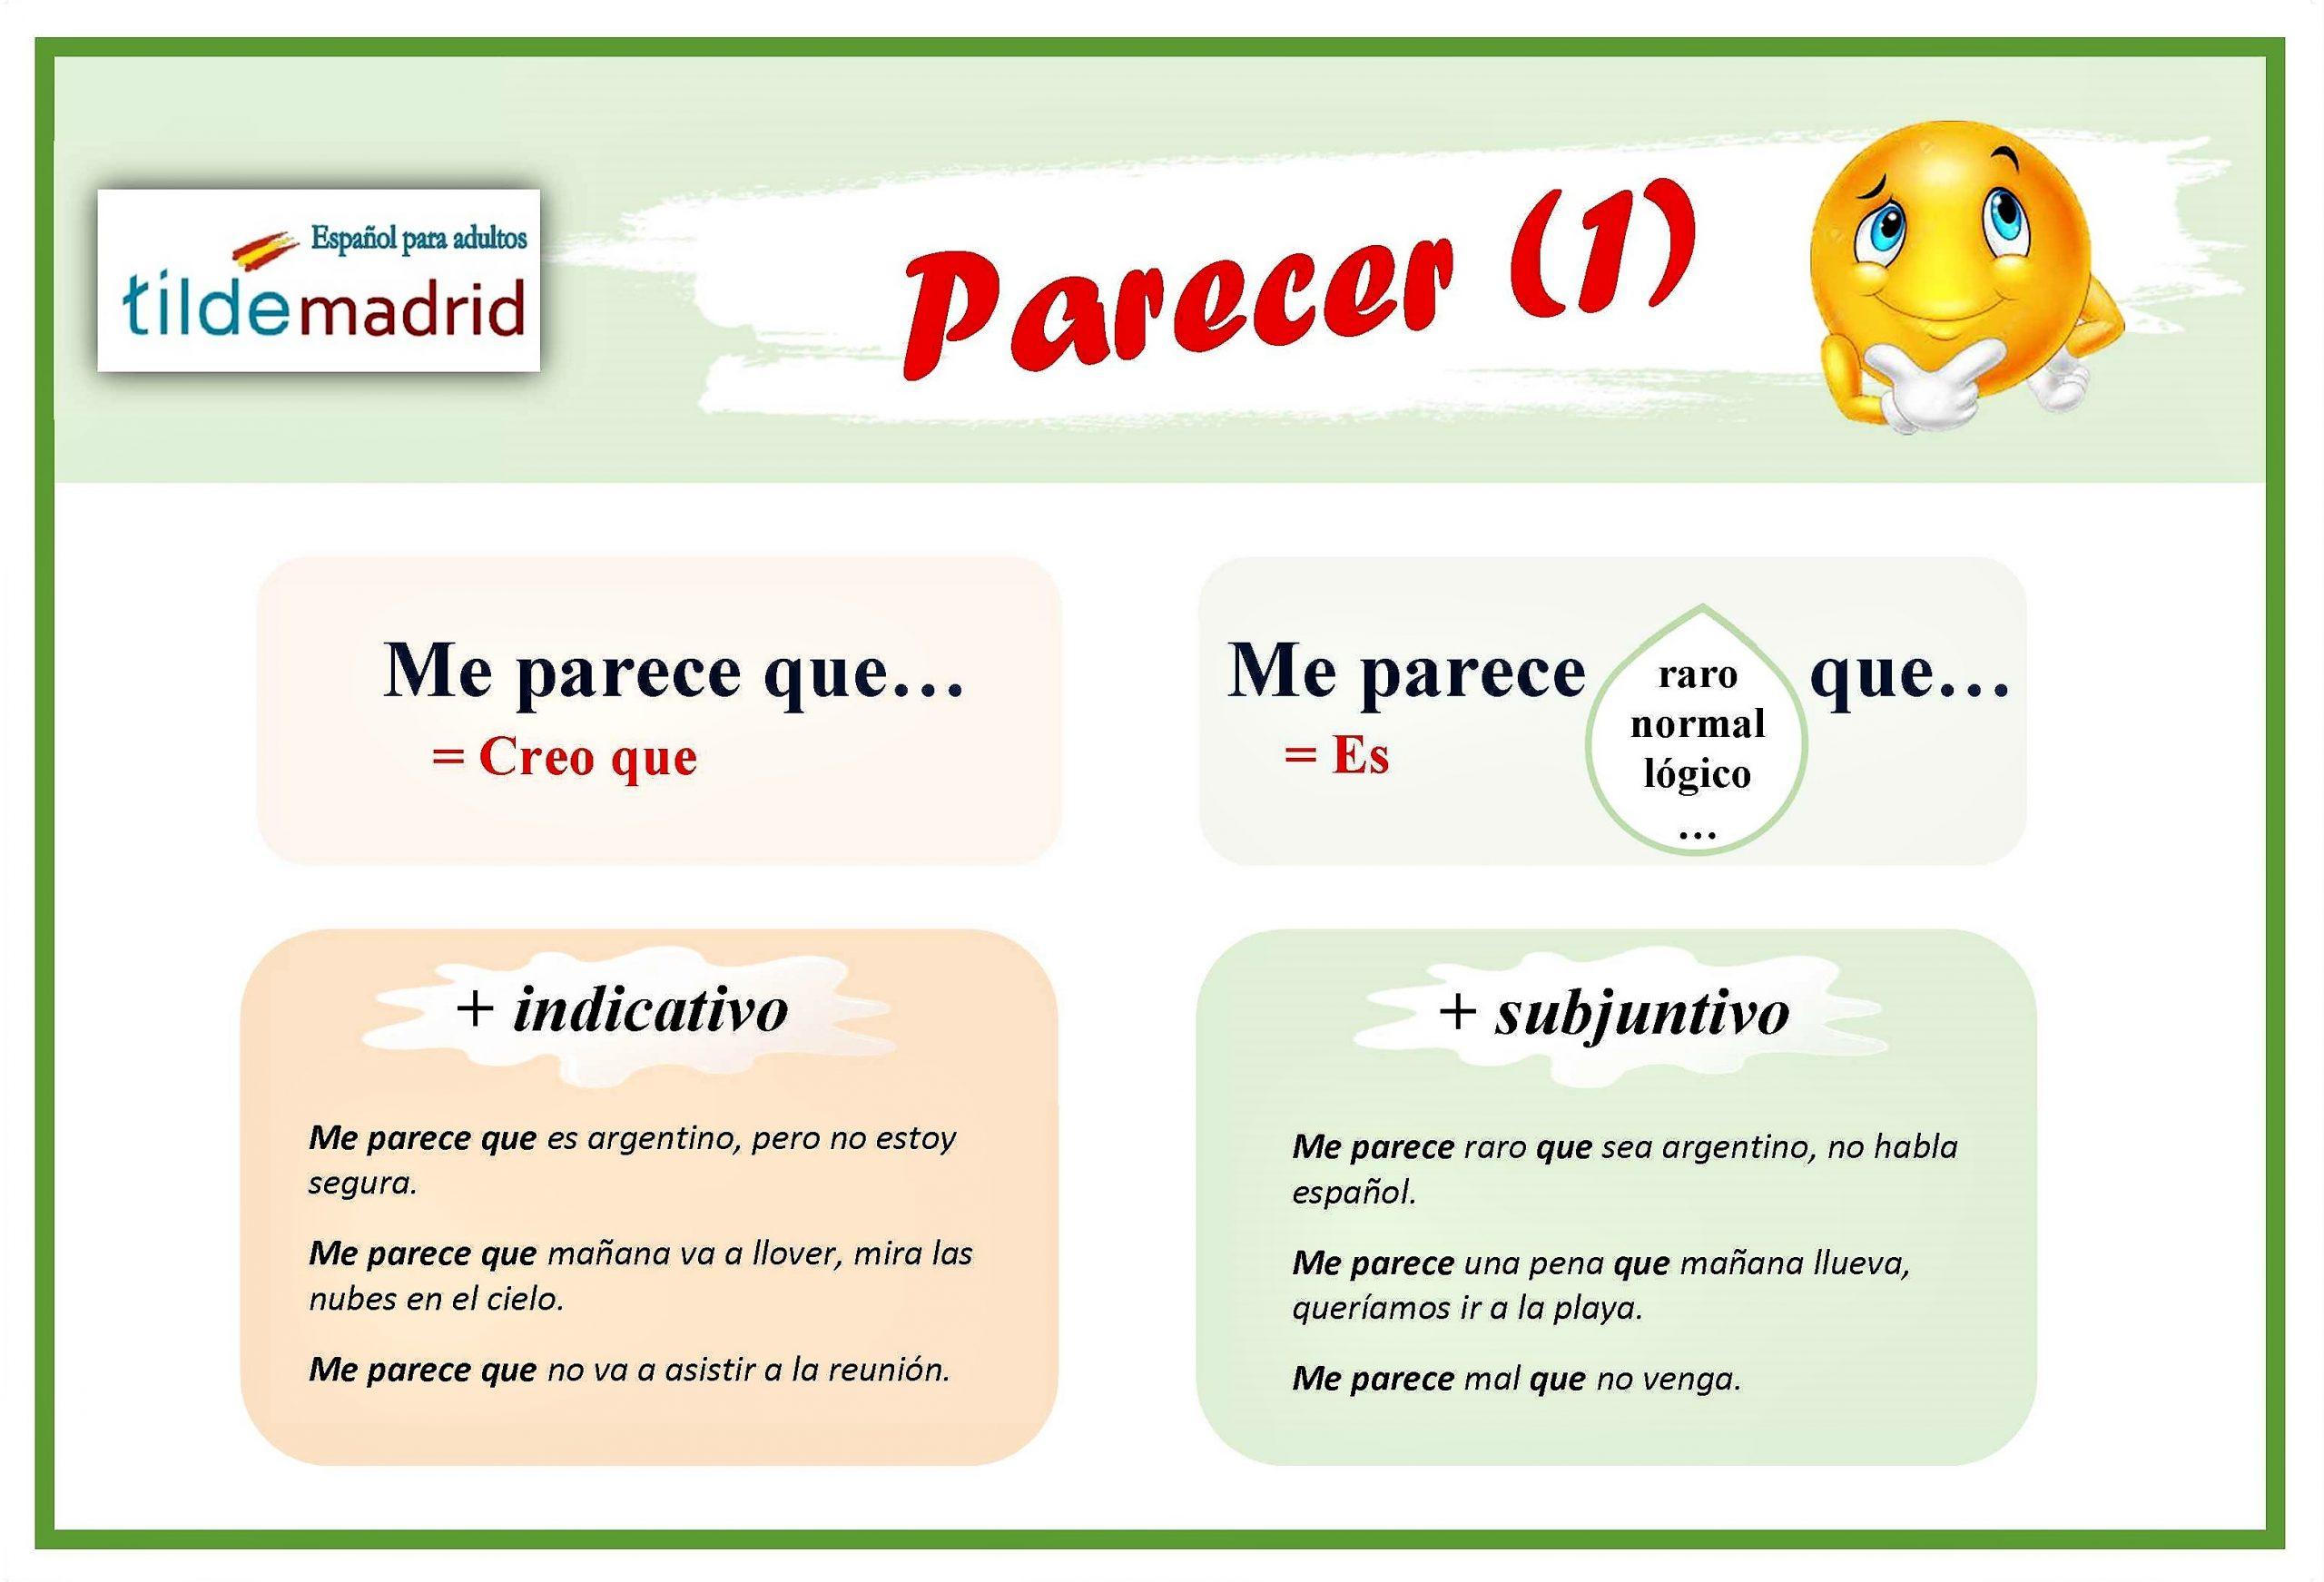 VERBO PARECER (1)